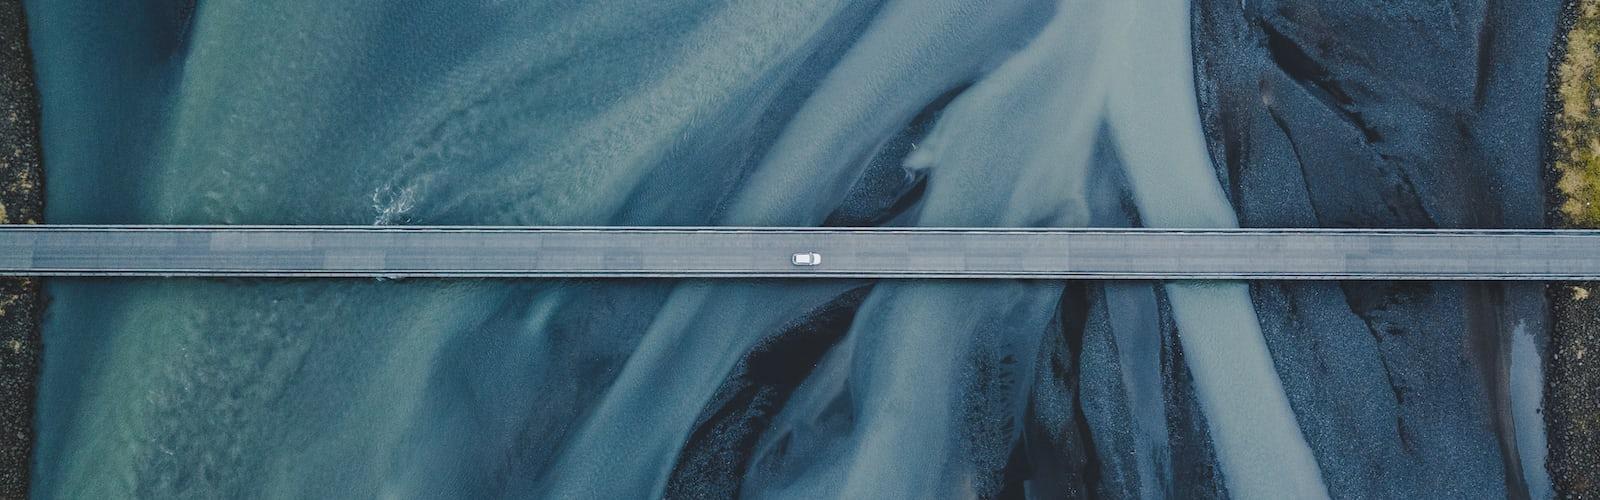 Ultrawide Wallpaper | The best